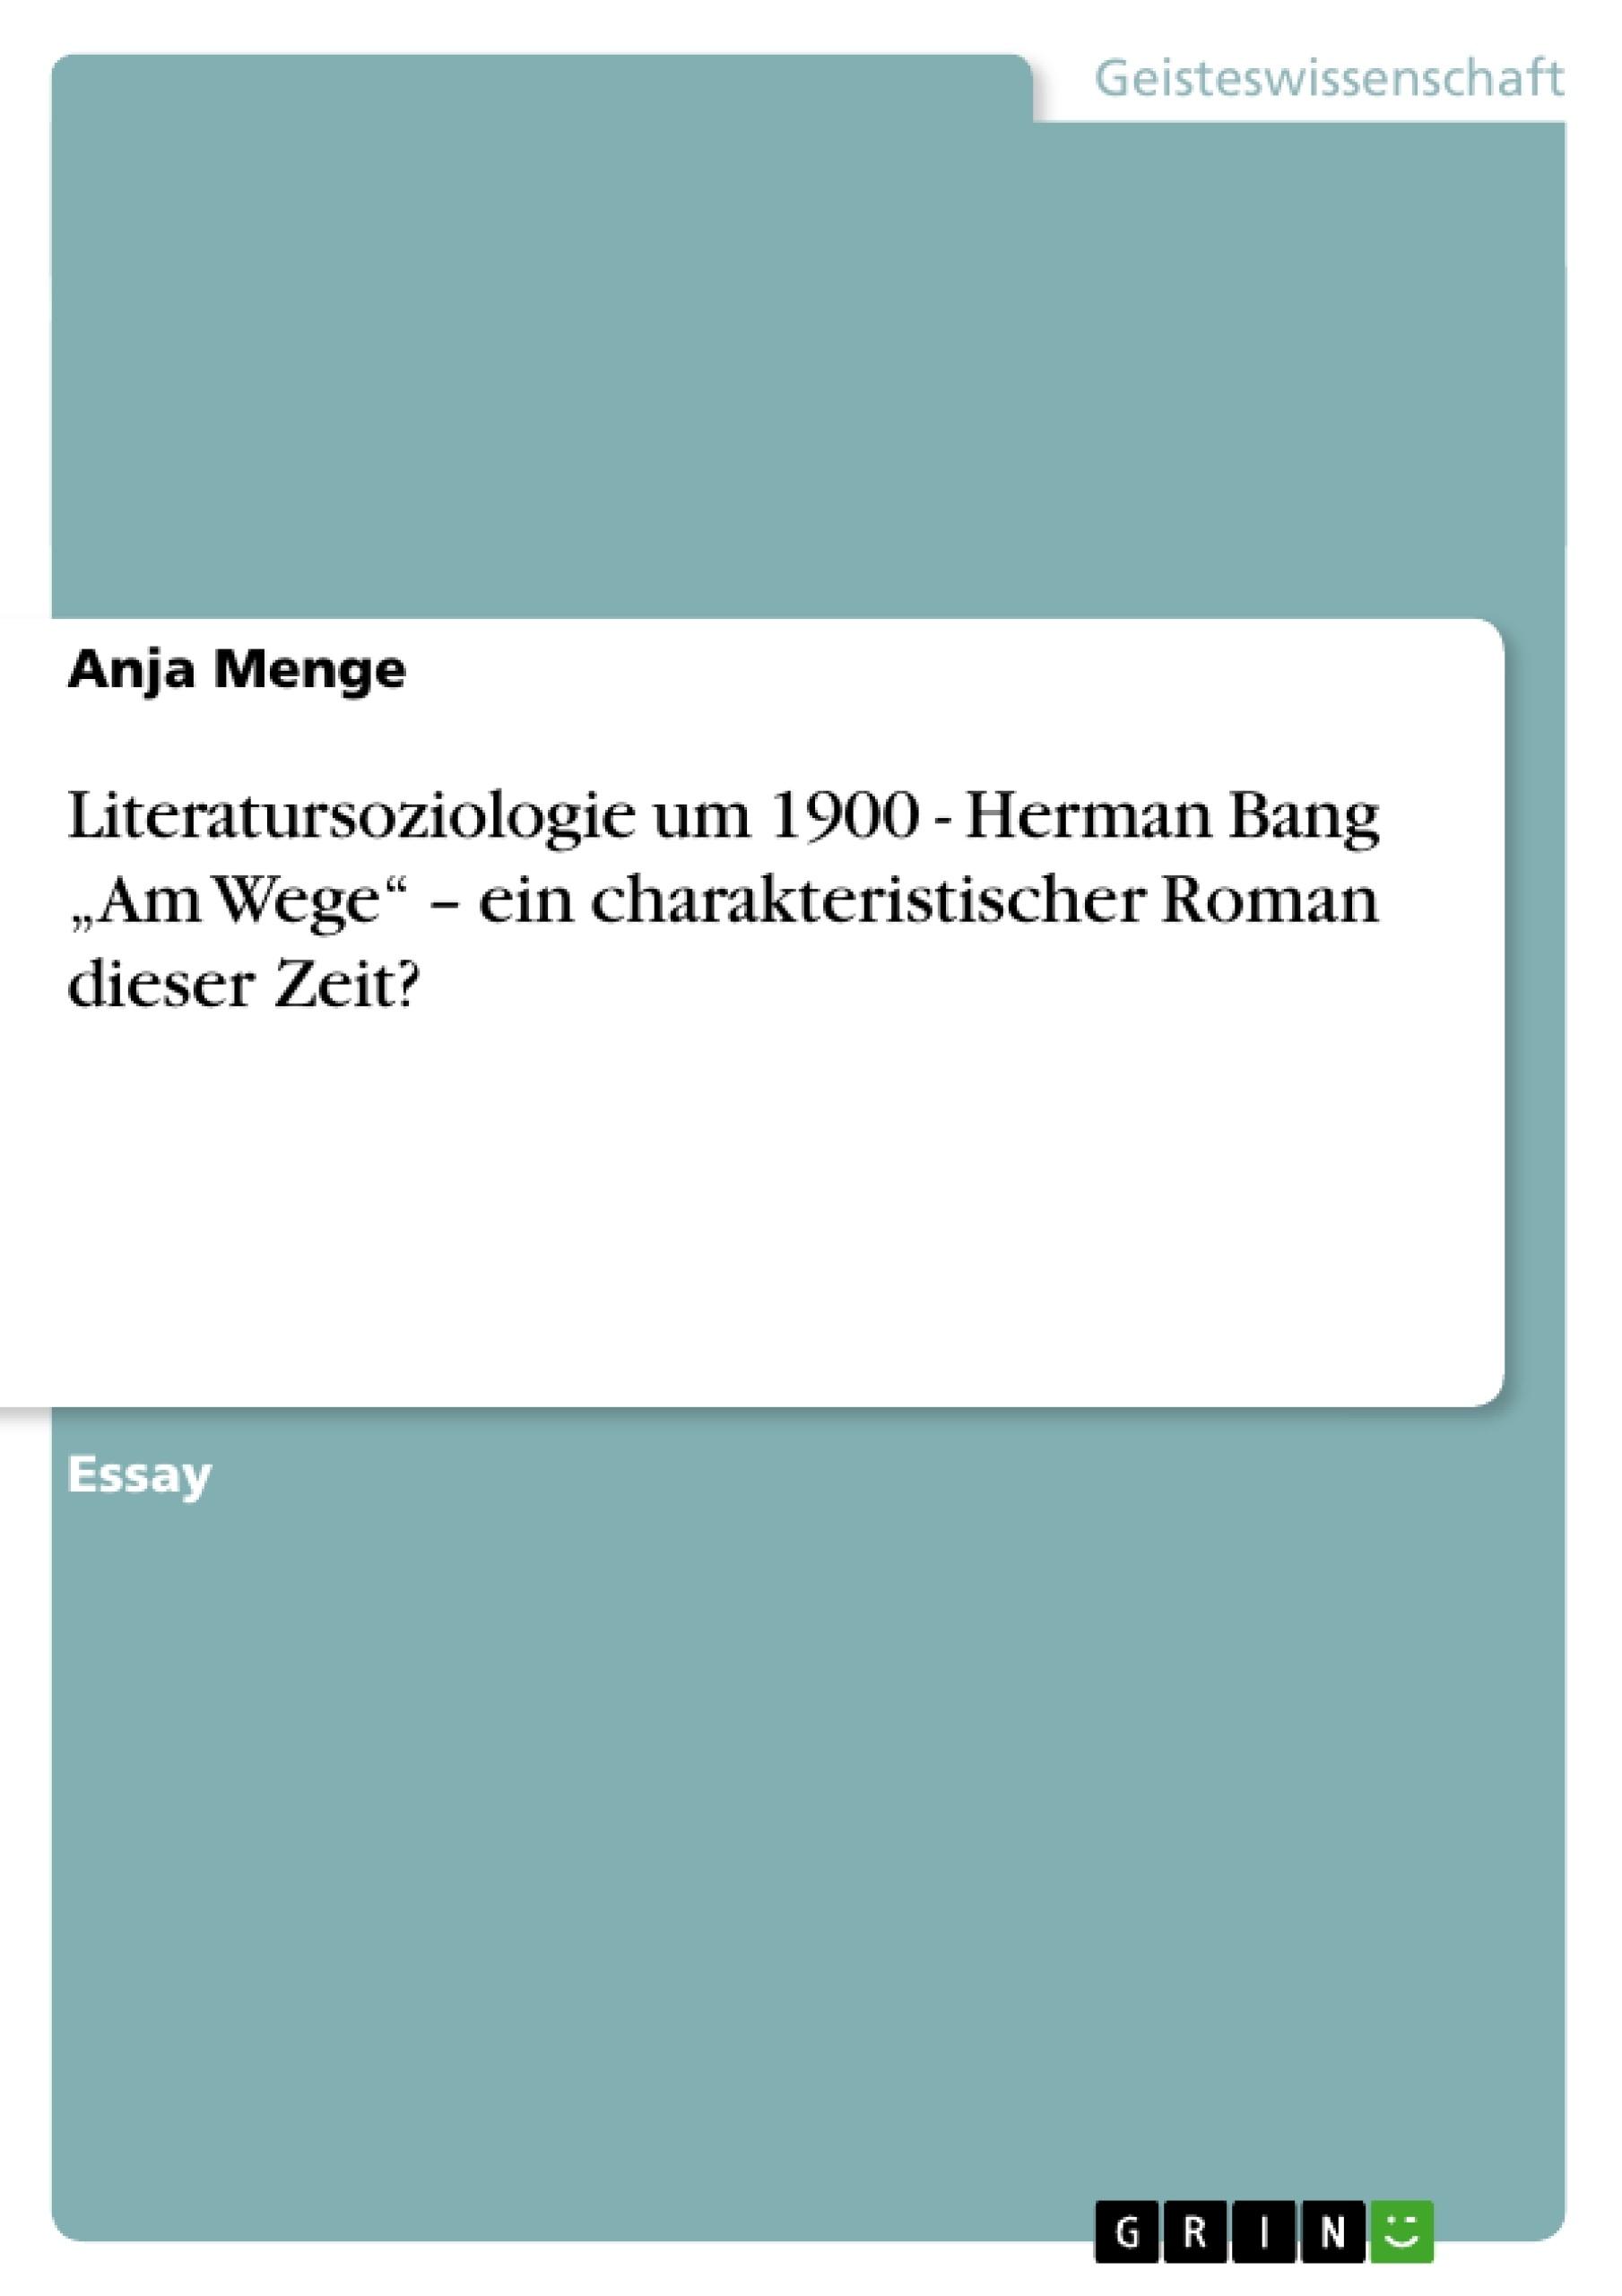 """Titel: Literatursoziologie um 1900 - Herman Bang """"Am Wege"""" – ein charakteristischer Roman dieser Zeit?"""